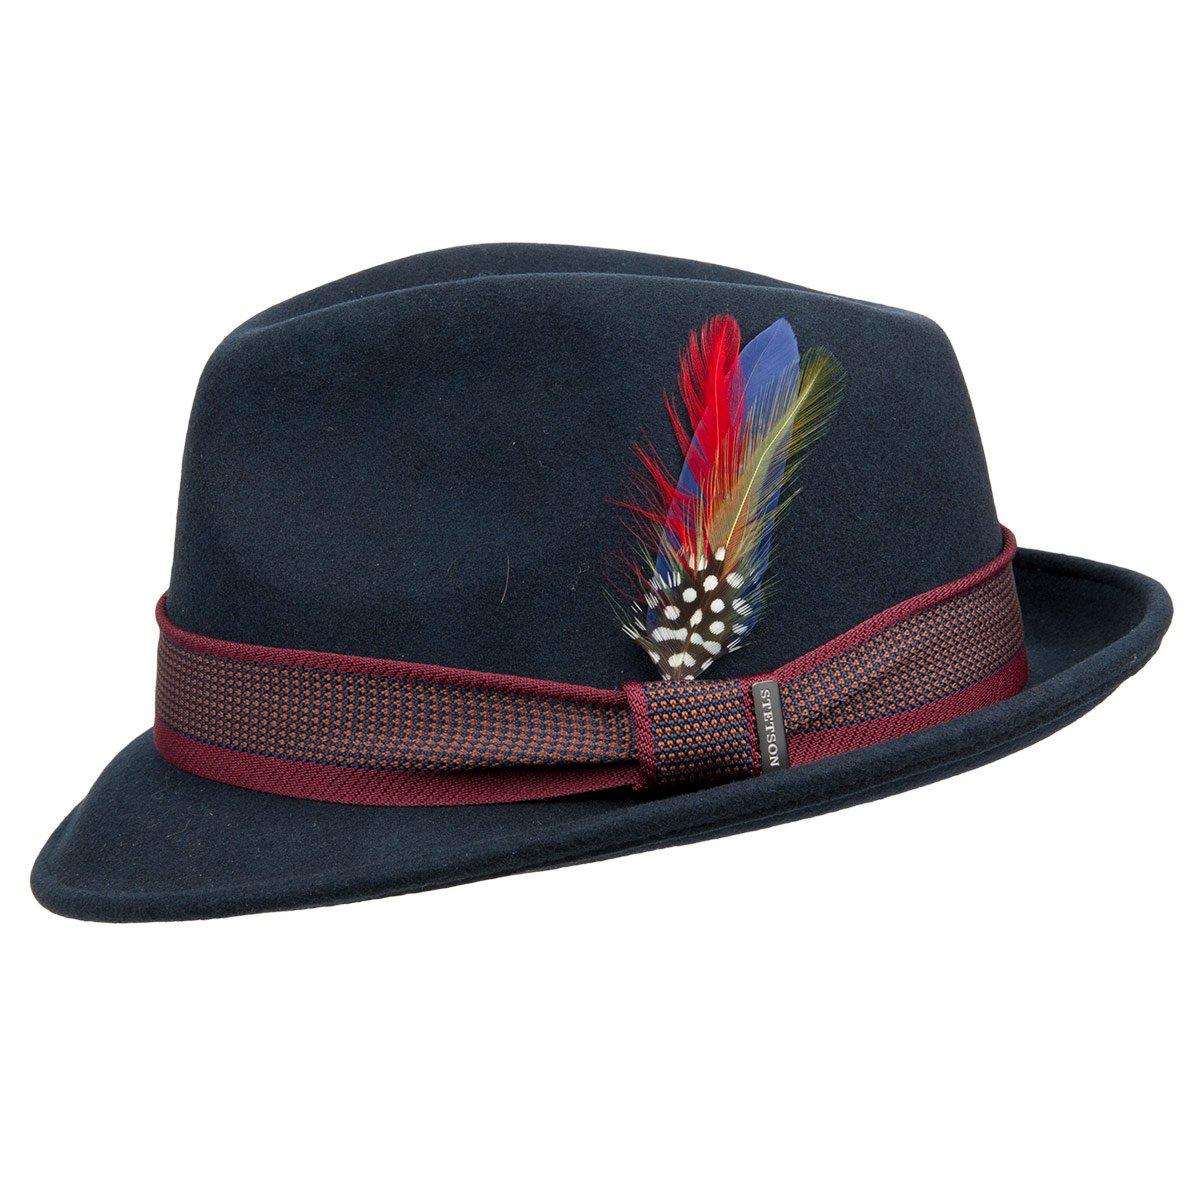 STETSON | Cappello Trilby Player Woolfelt --> cappelleria Hutstuebele -  cappelli e berretti per uomo donna bambino